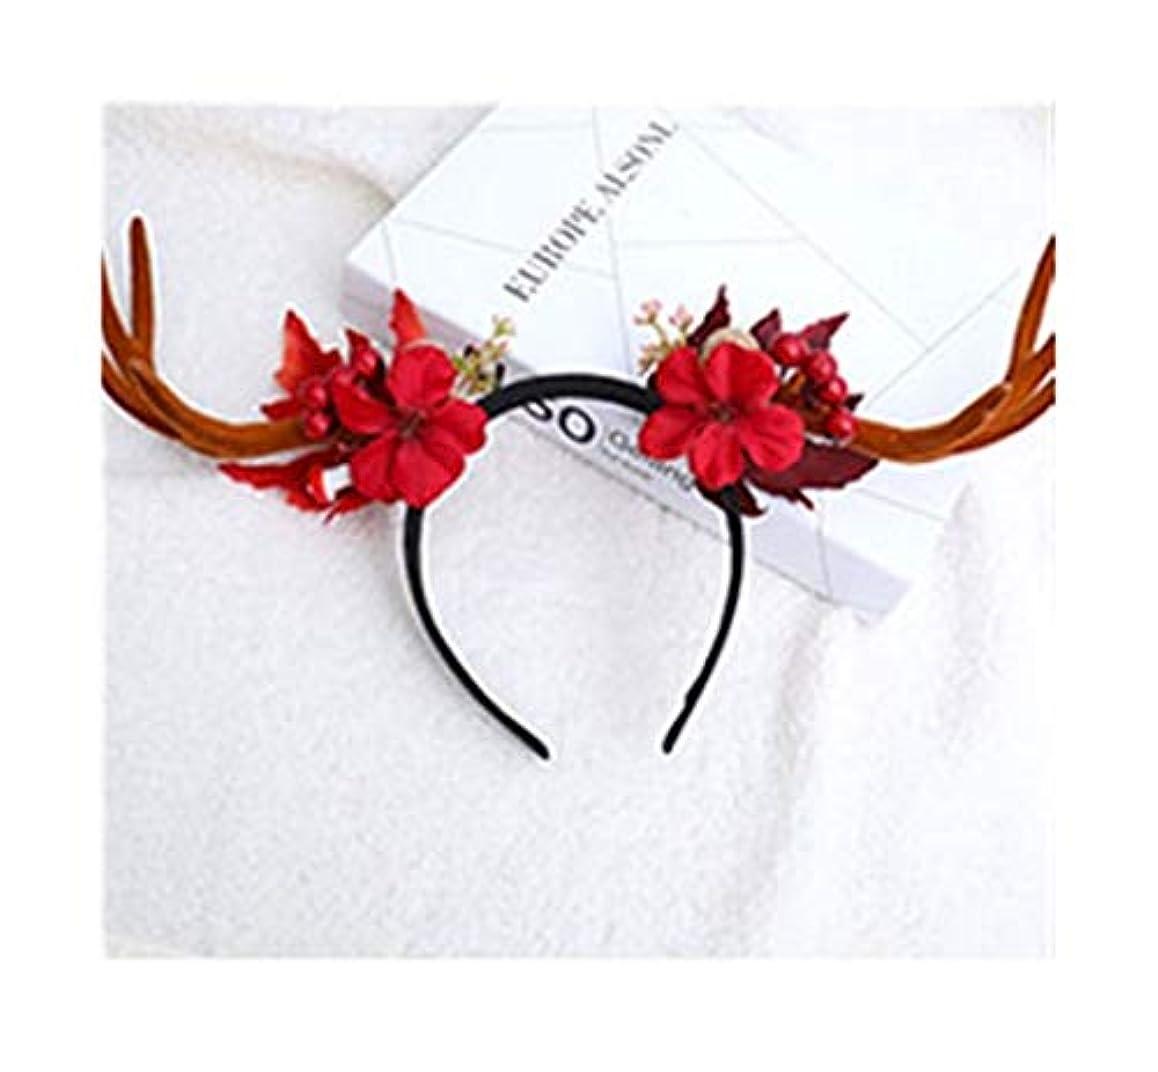 流体クーポンカロリークリスマスティアラヘアピンヘアアクセサリー大人の森??の枝角はバックル創造ドレスの小道具用品を頭飾り子供 (スタイル : C)